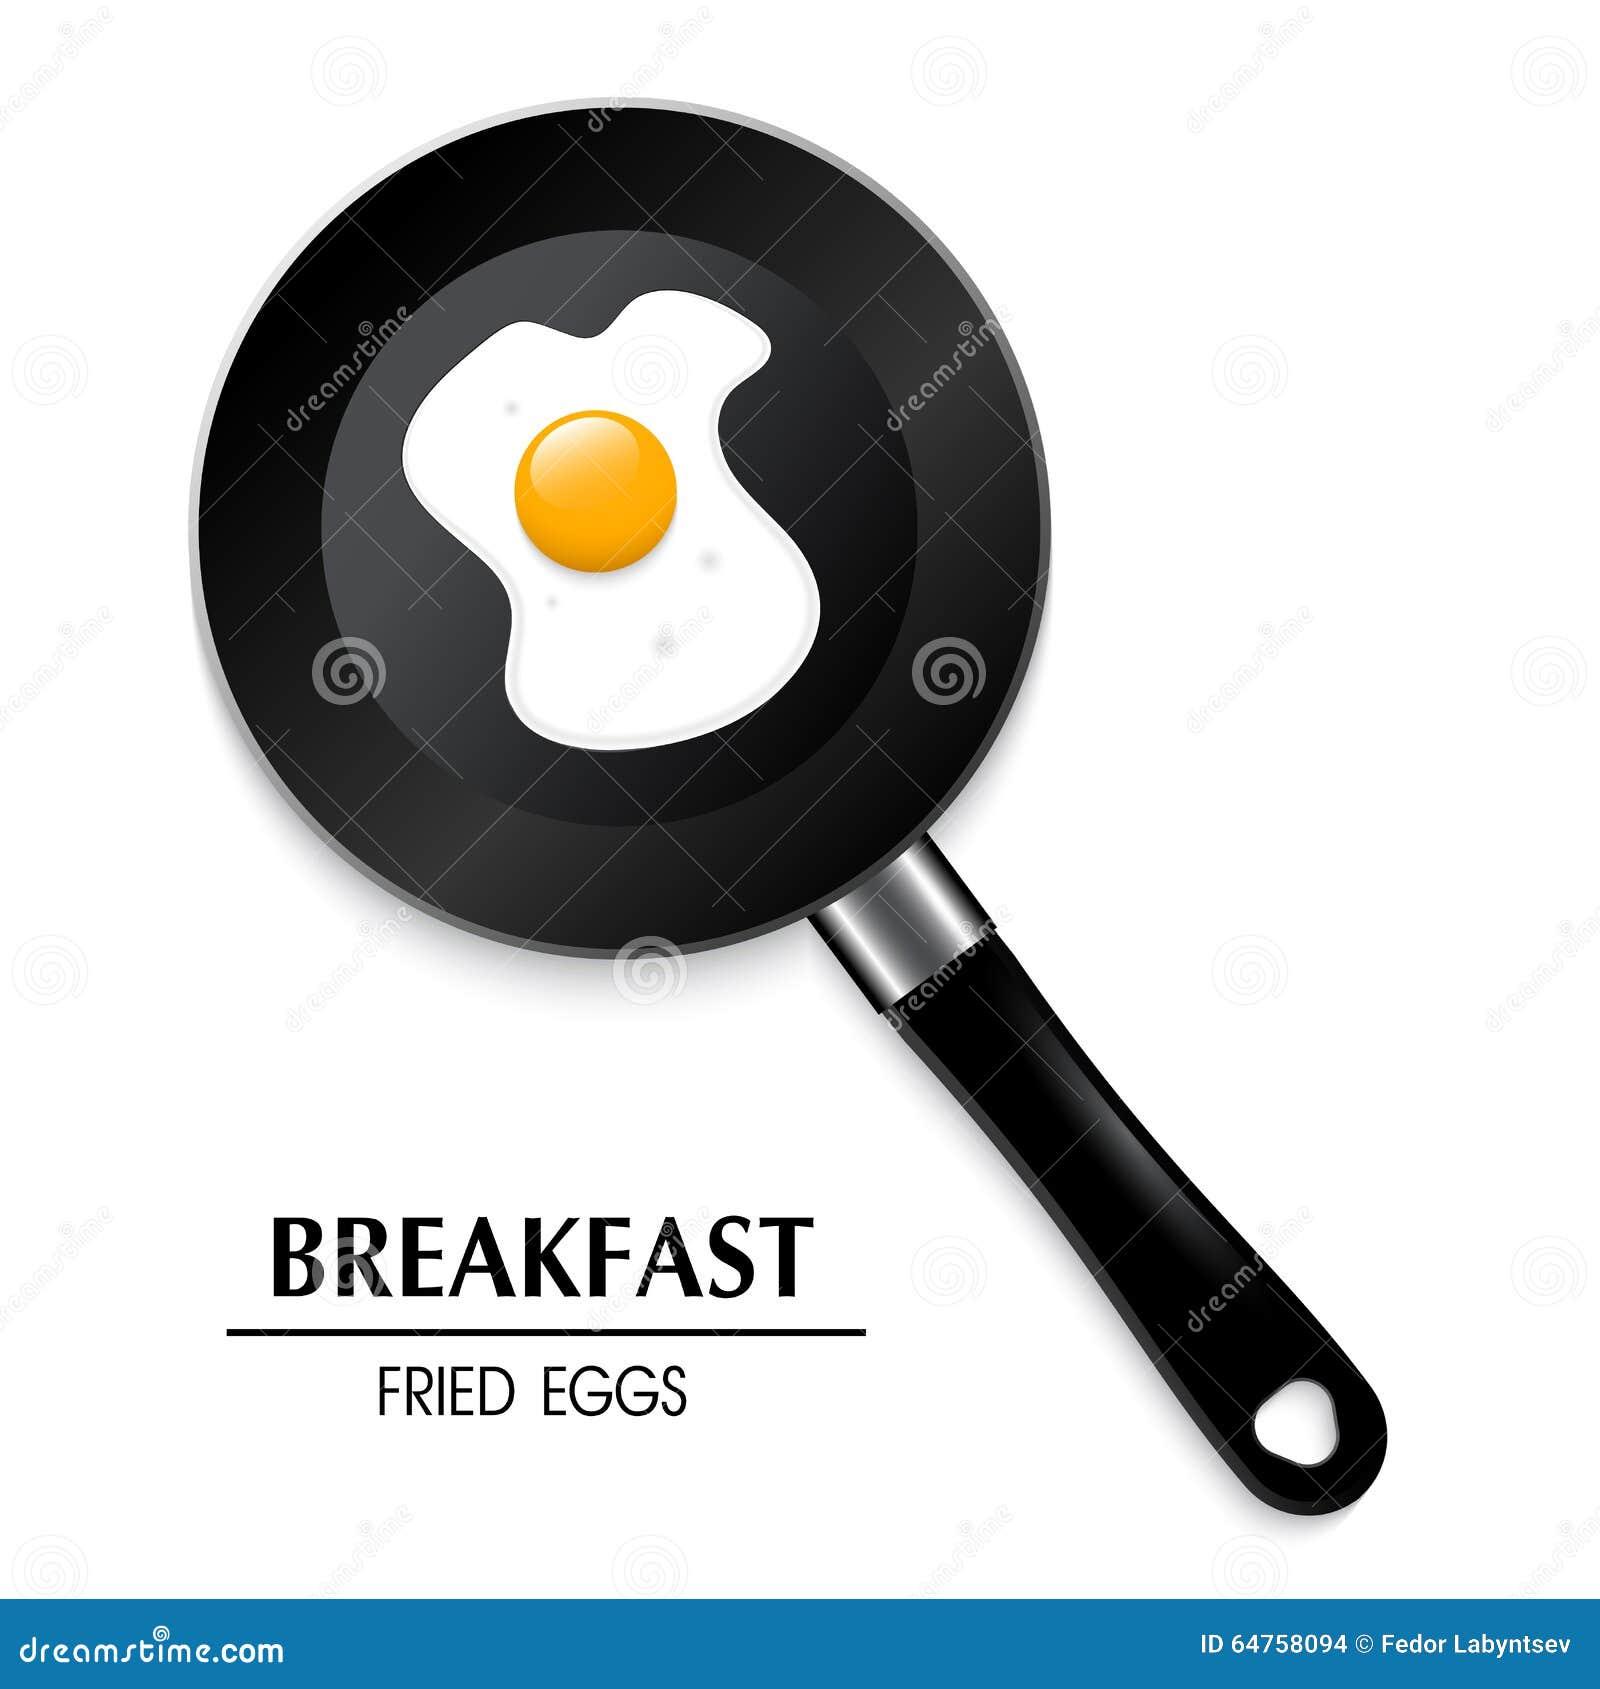 Egg in a frying pan a breakfast 3D fried eggs